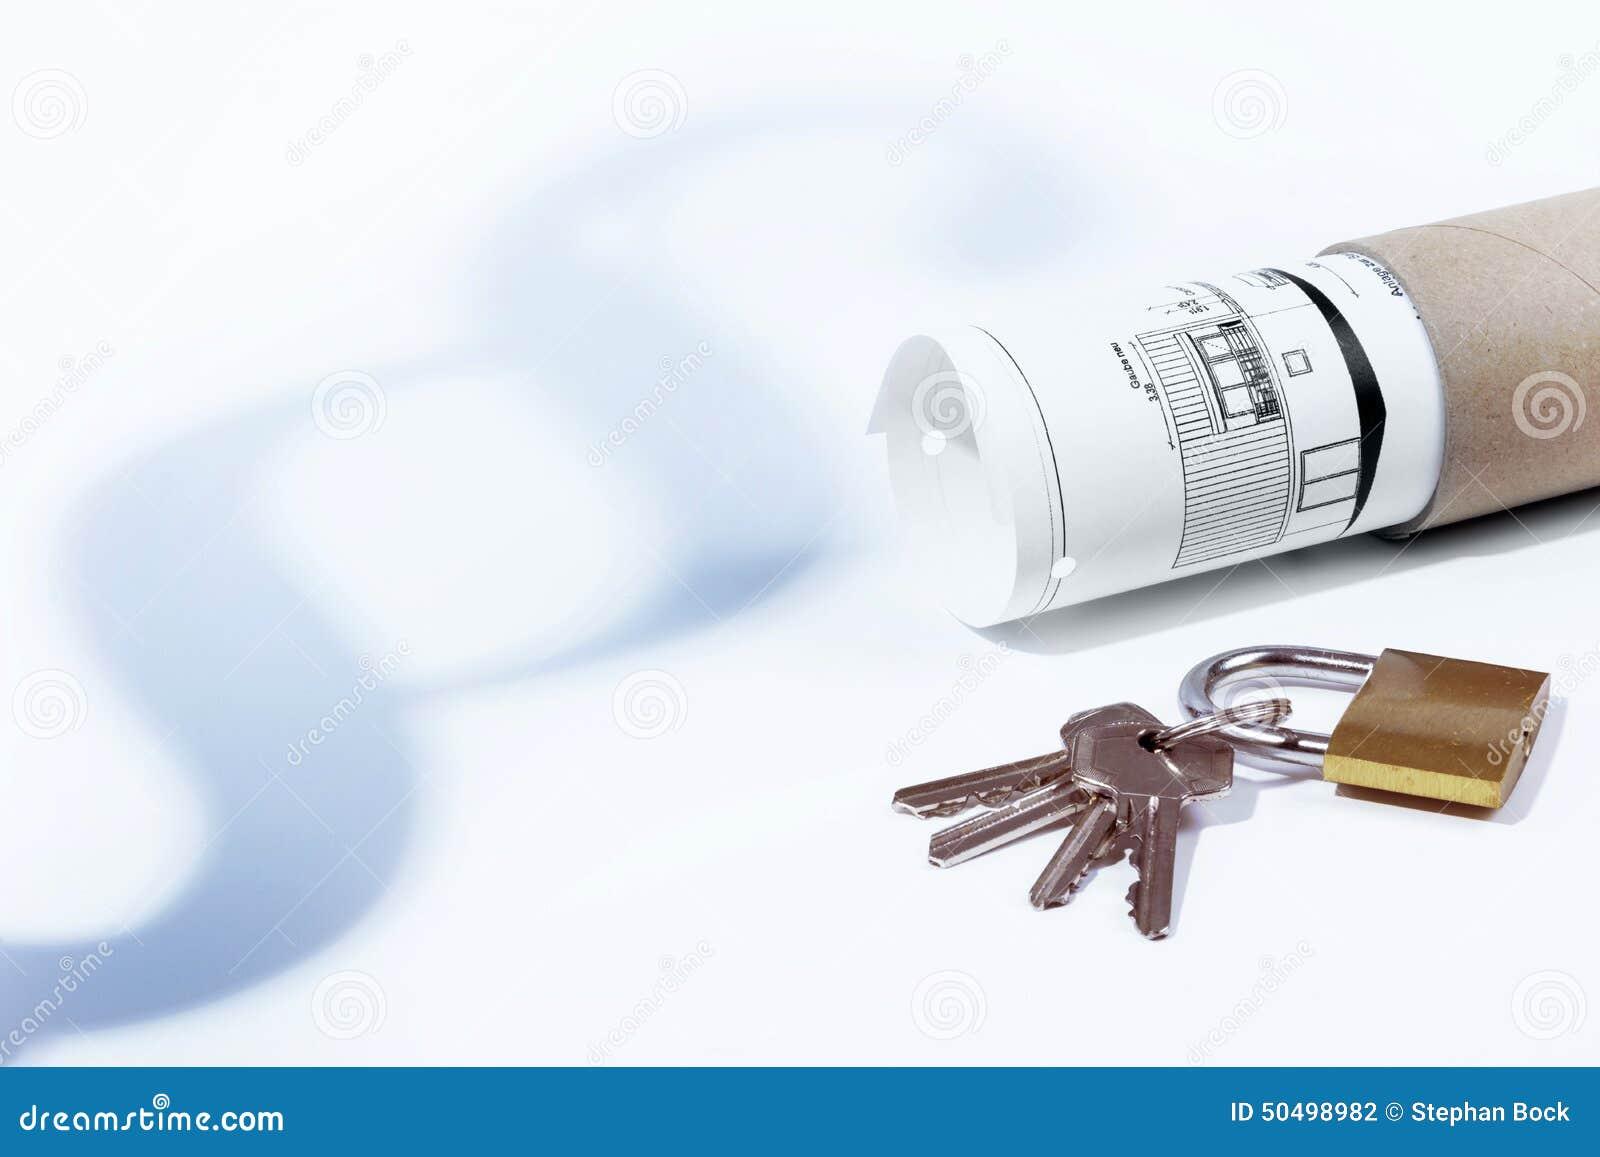 Lag, avsnitt, förhyrninglag, hänglås och tangenter, byggnadslag, konstruktionsplan